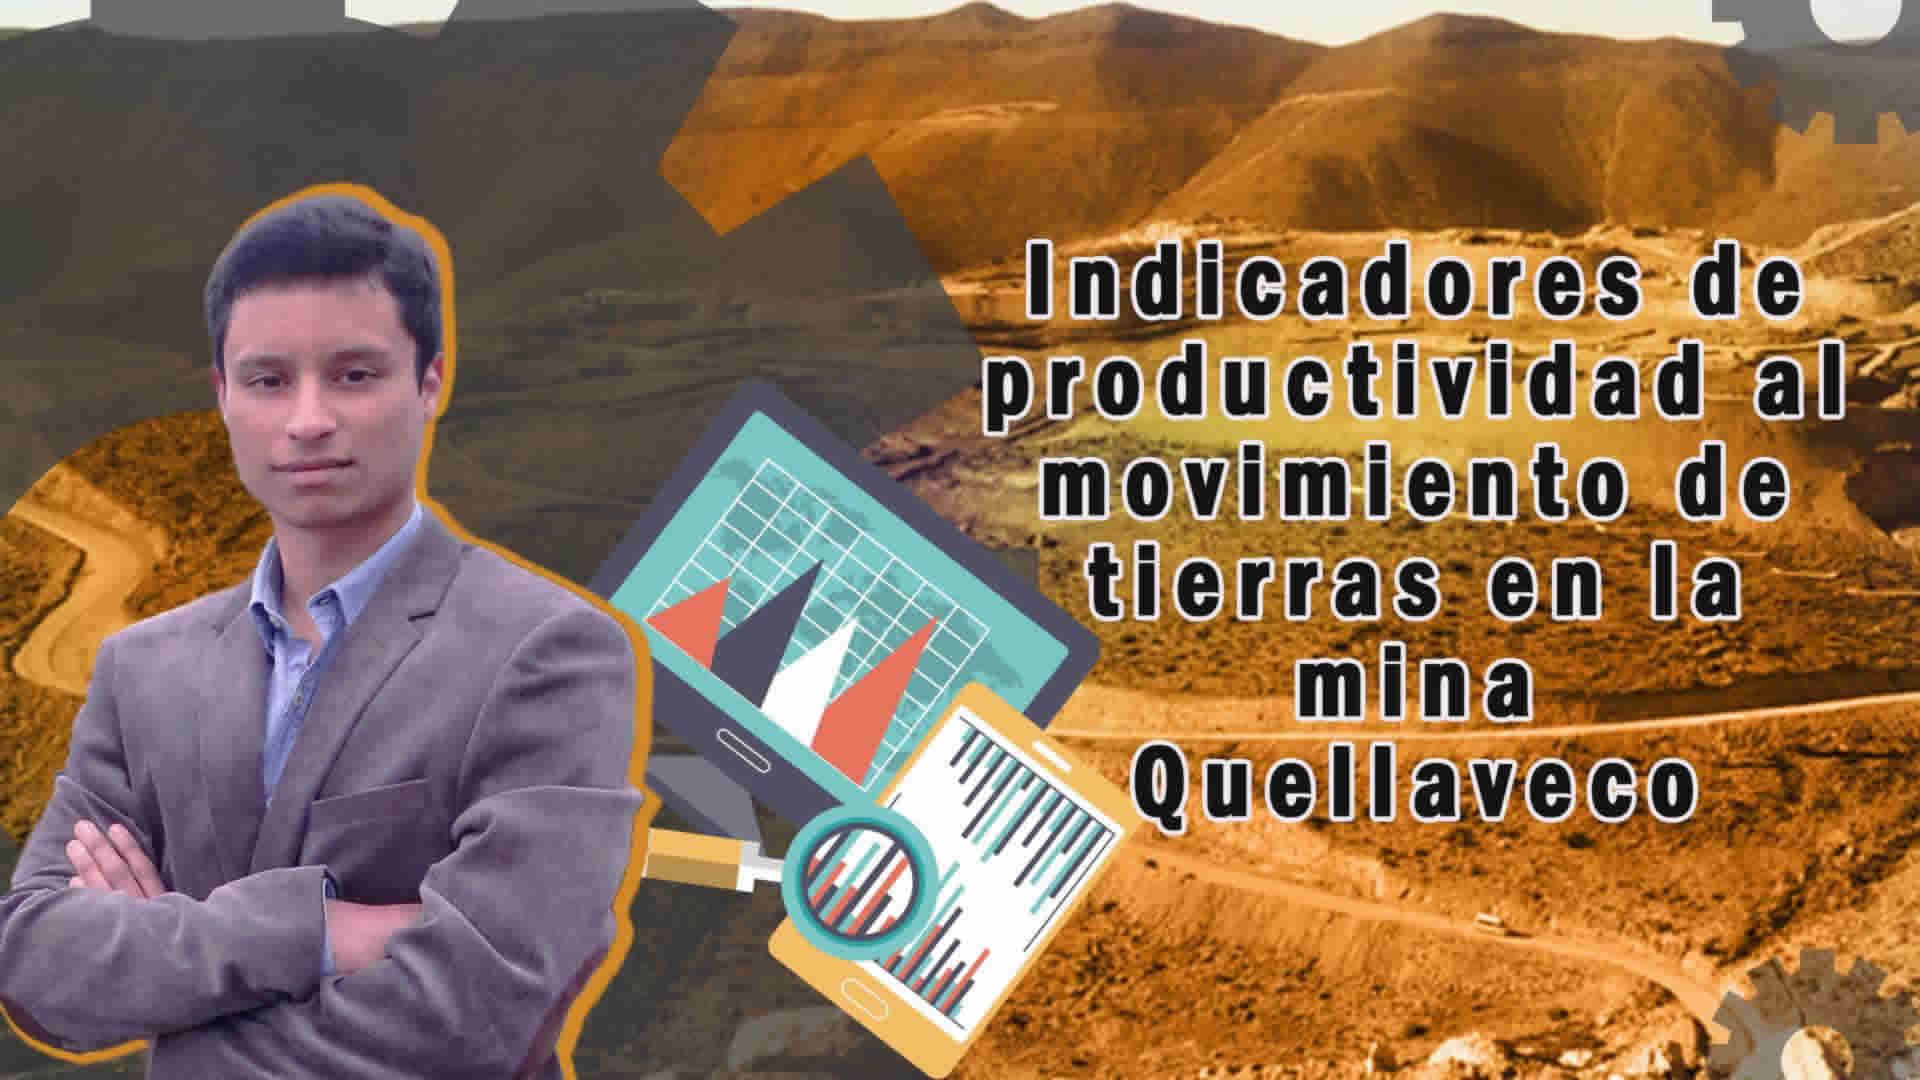 Indicadores de productividad al movimiento de tierras en la mina Quellaveco